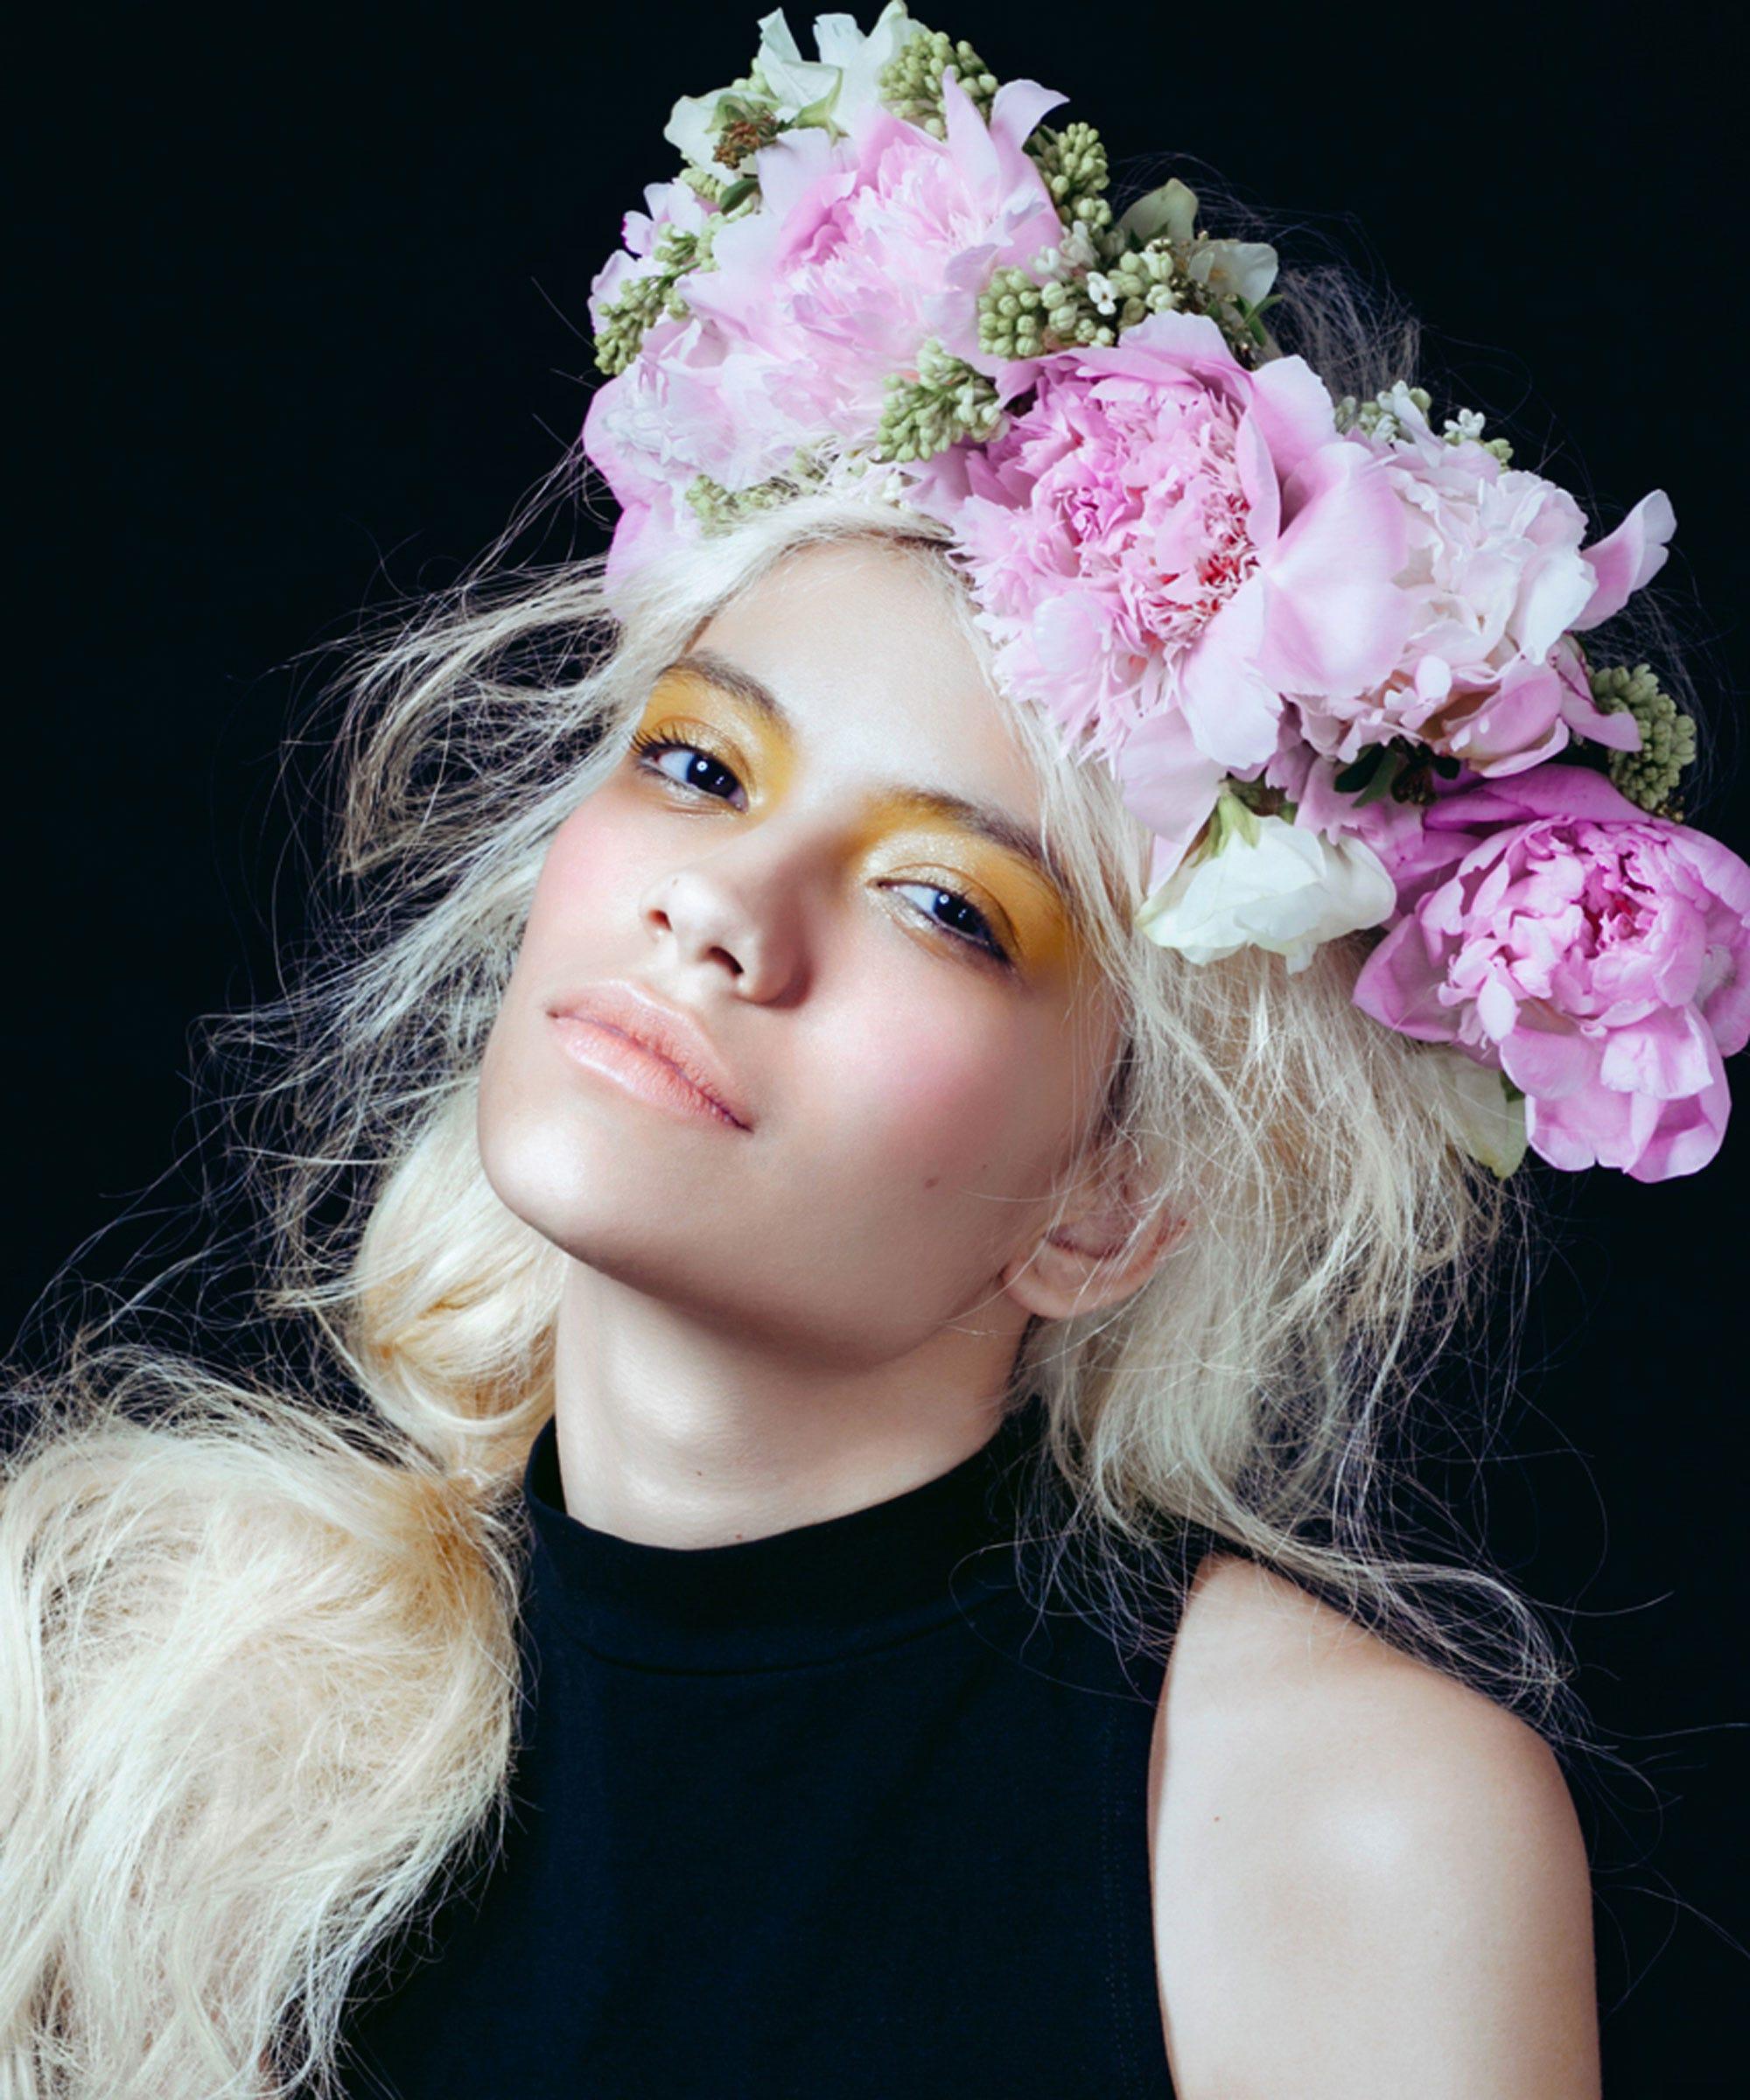 Vinok ukrainian instagram flower crowns izmirmasajfo